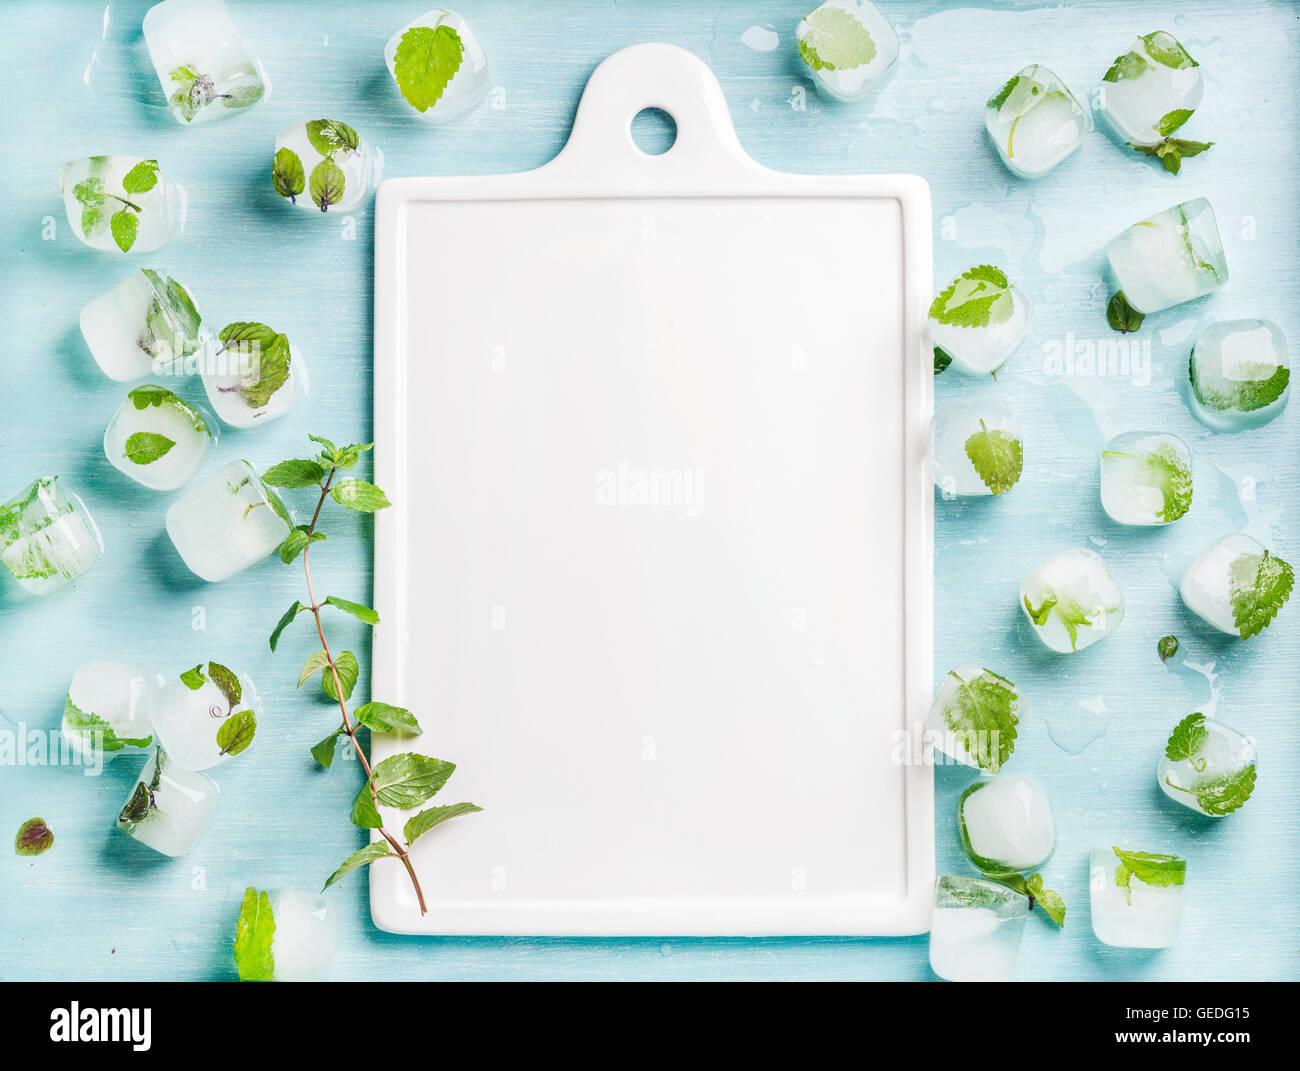 Des cubes de glace avec des feuilles de menthe congelée à l'intérieur sur fond bleu turquoise Photo Stock